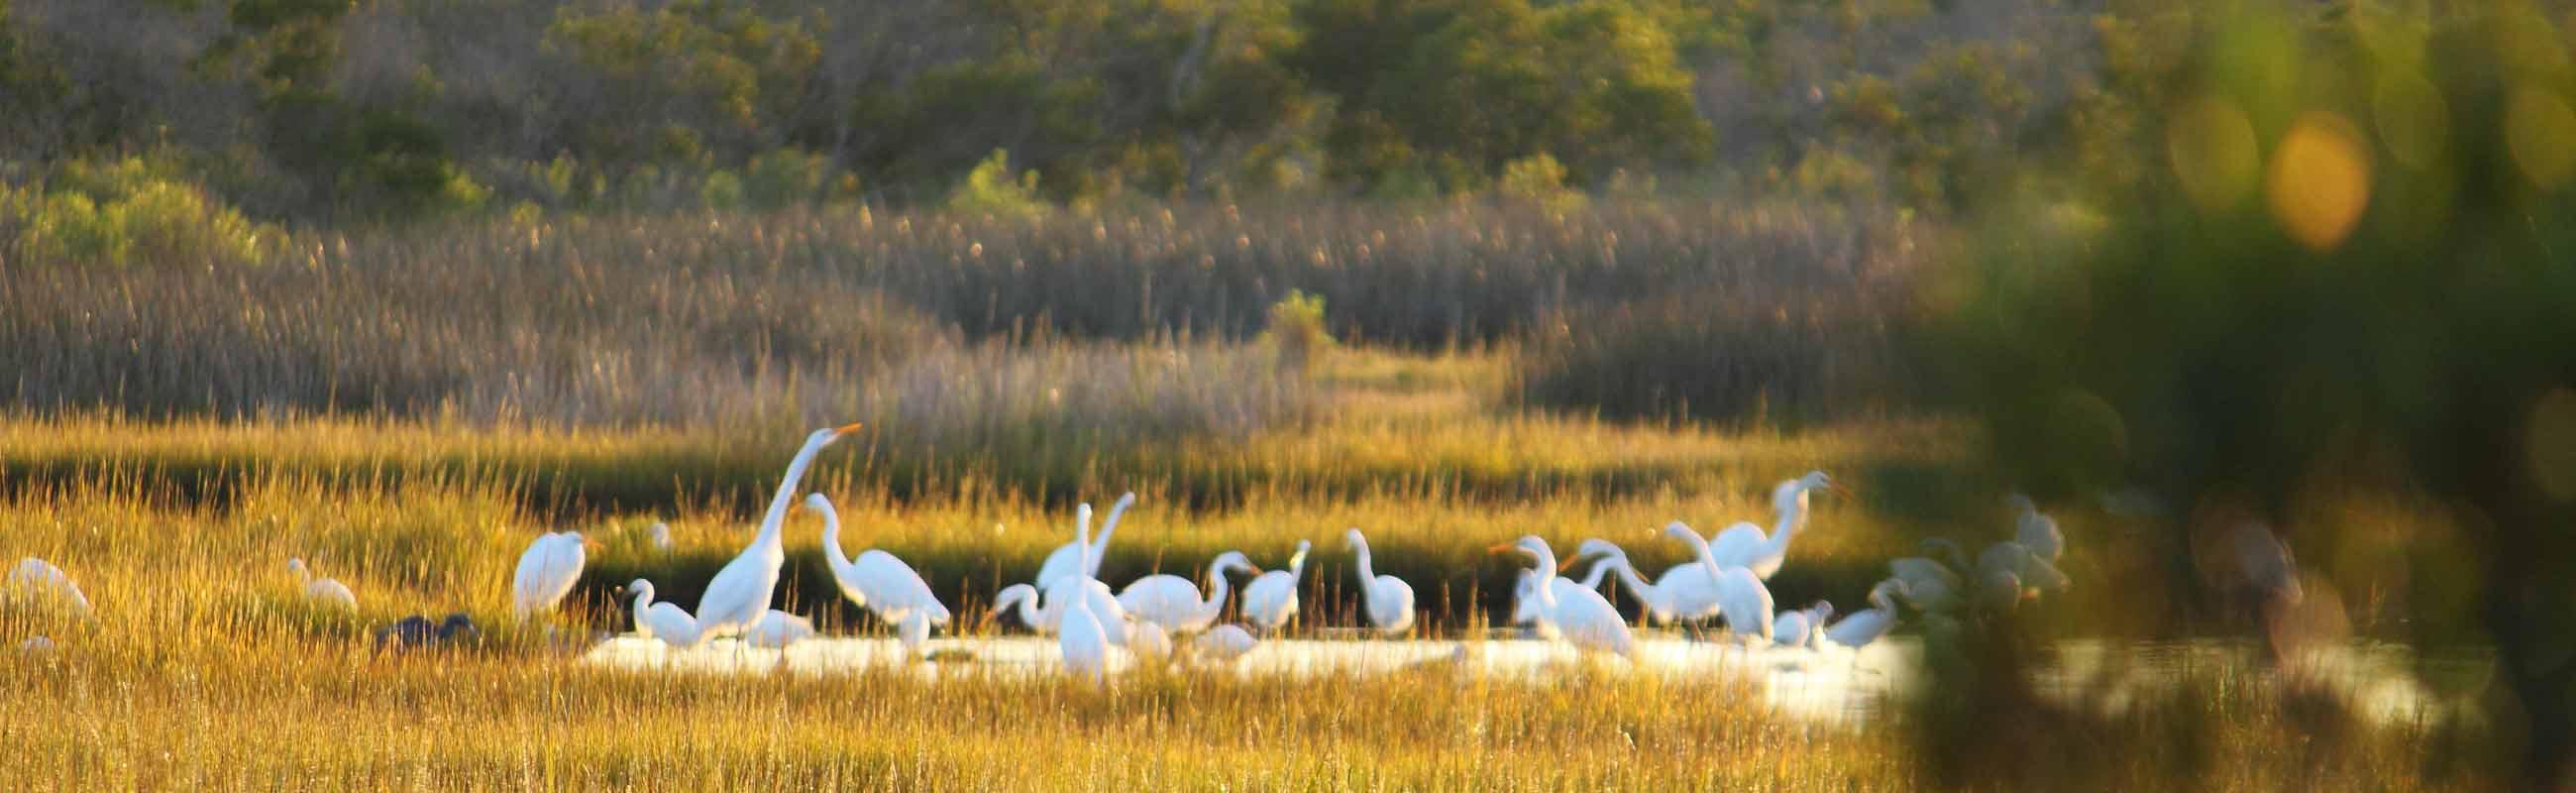 wild birds of assateague island national park